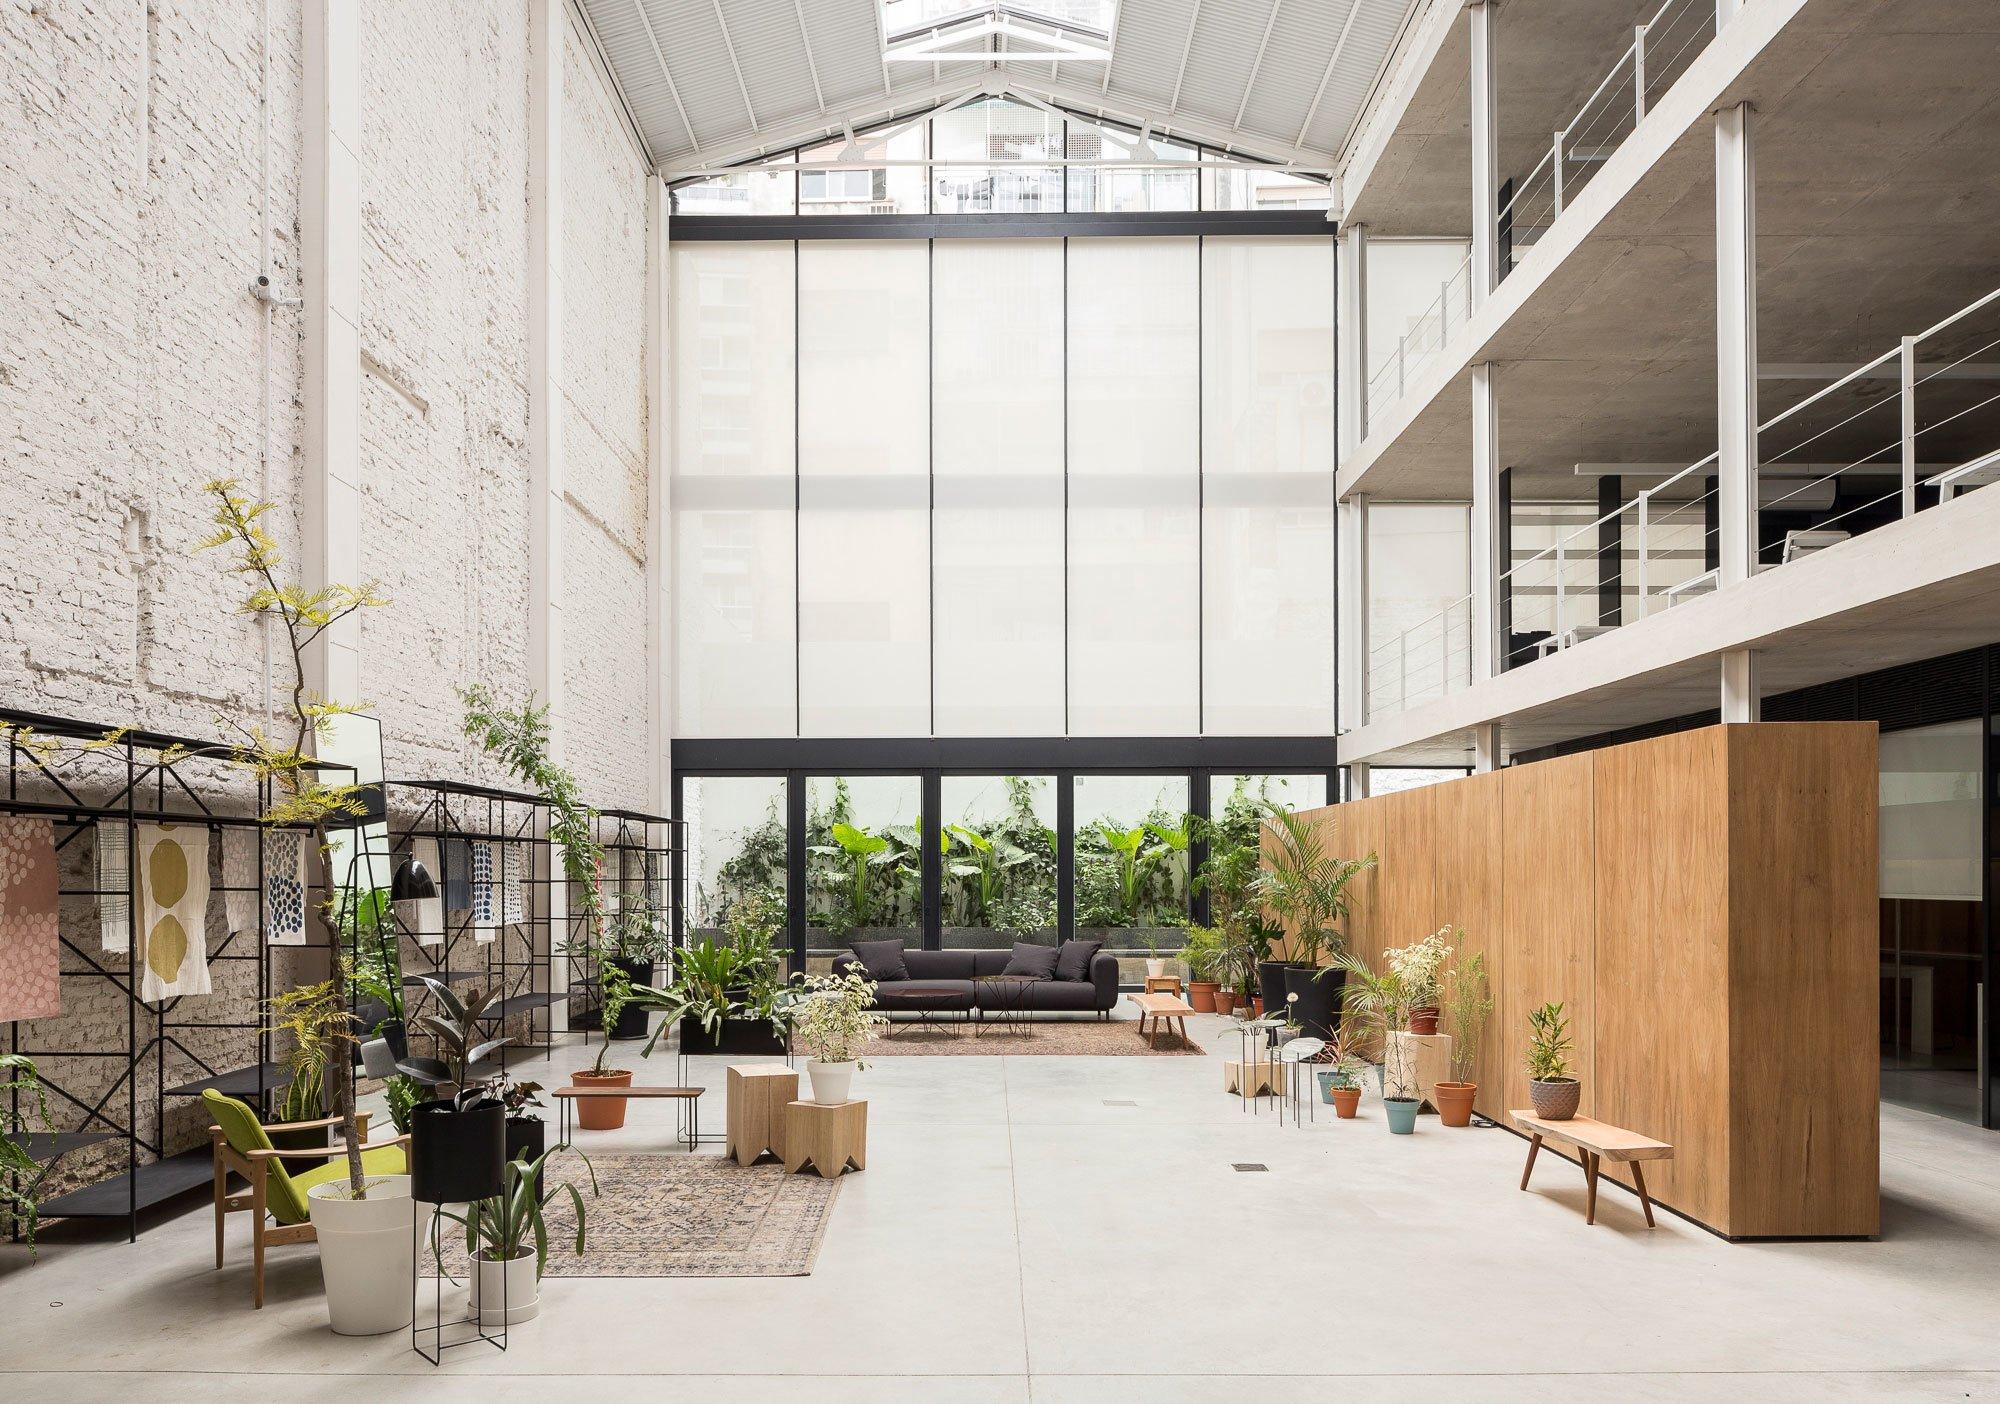 Die Architektin Ana Sol Smud ließ sich von den Dimensionen einer Lagerhalle in Buenos Aires nicht einschüchtern und baute sie zum Büro eines Textilunternehmens um.